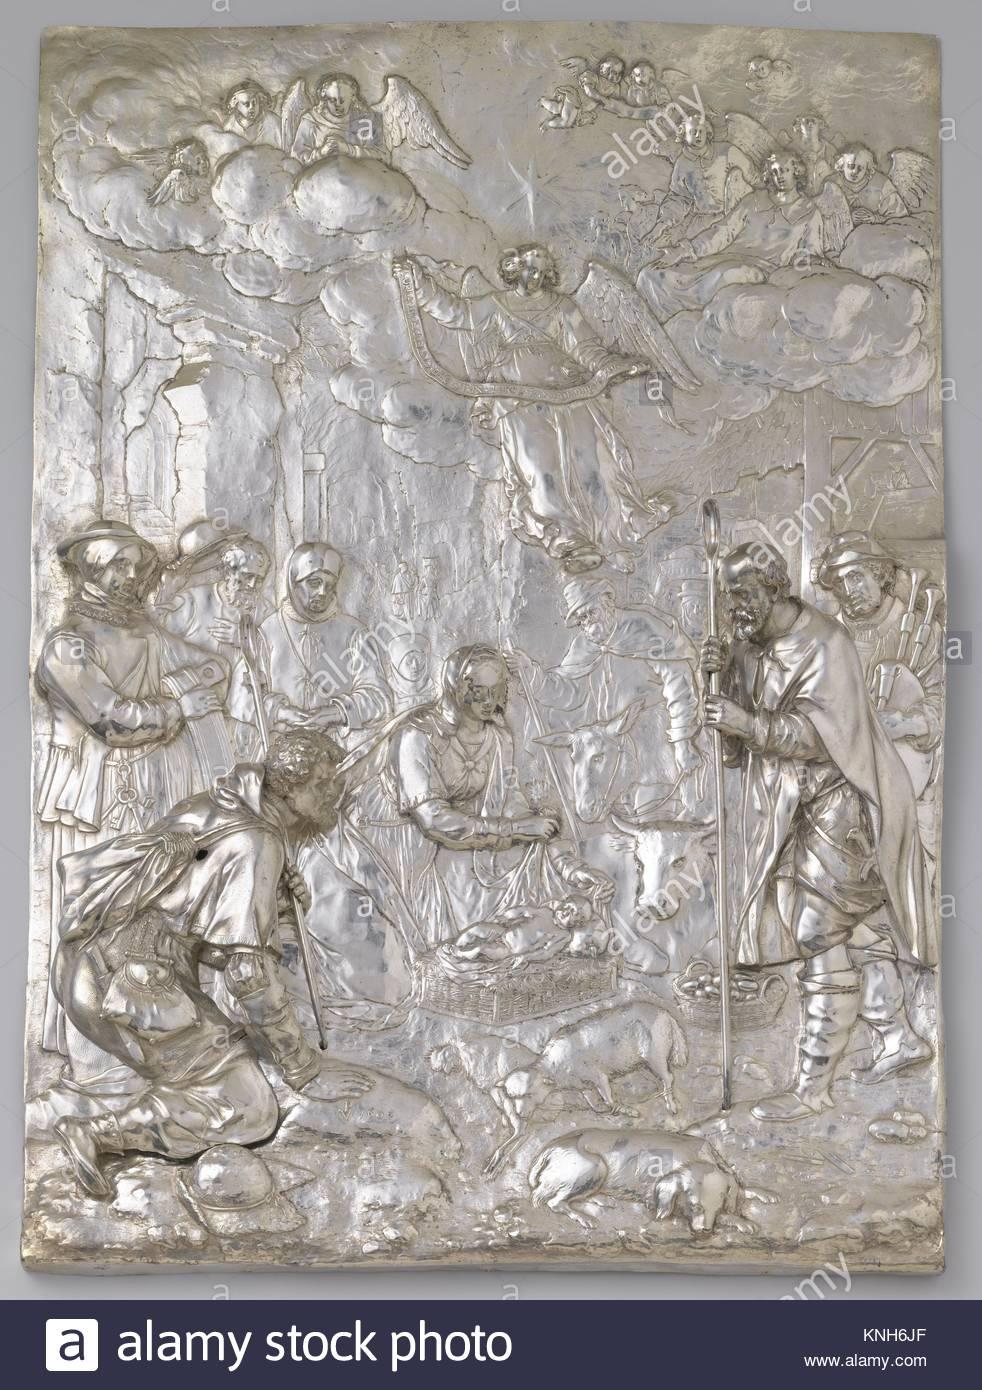 The Adoration of the Shepherds, Paulus Willemsz. van Vianen, 1607 - Stock Image